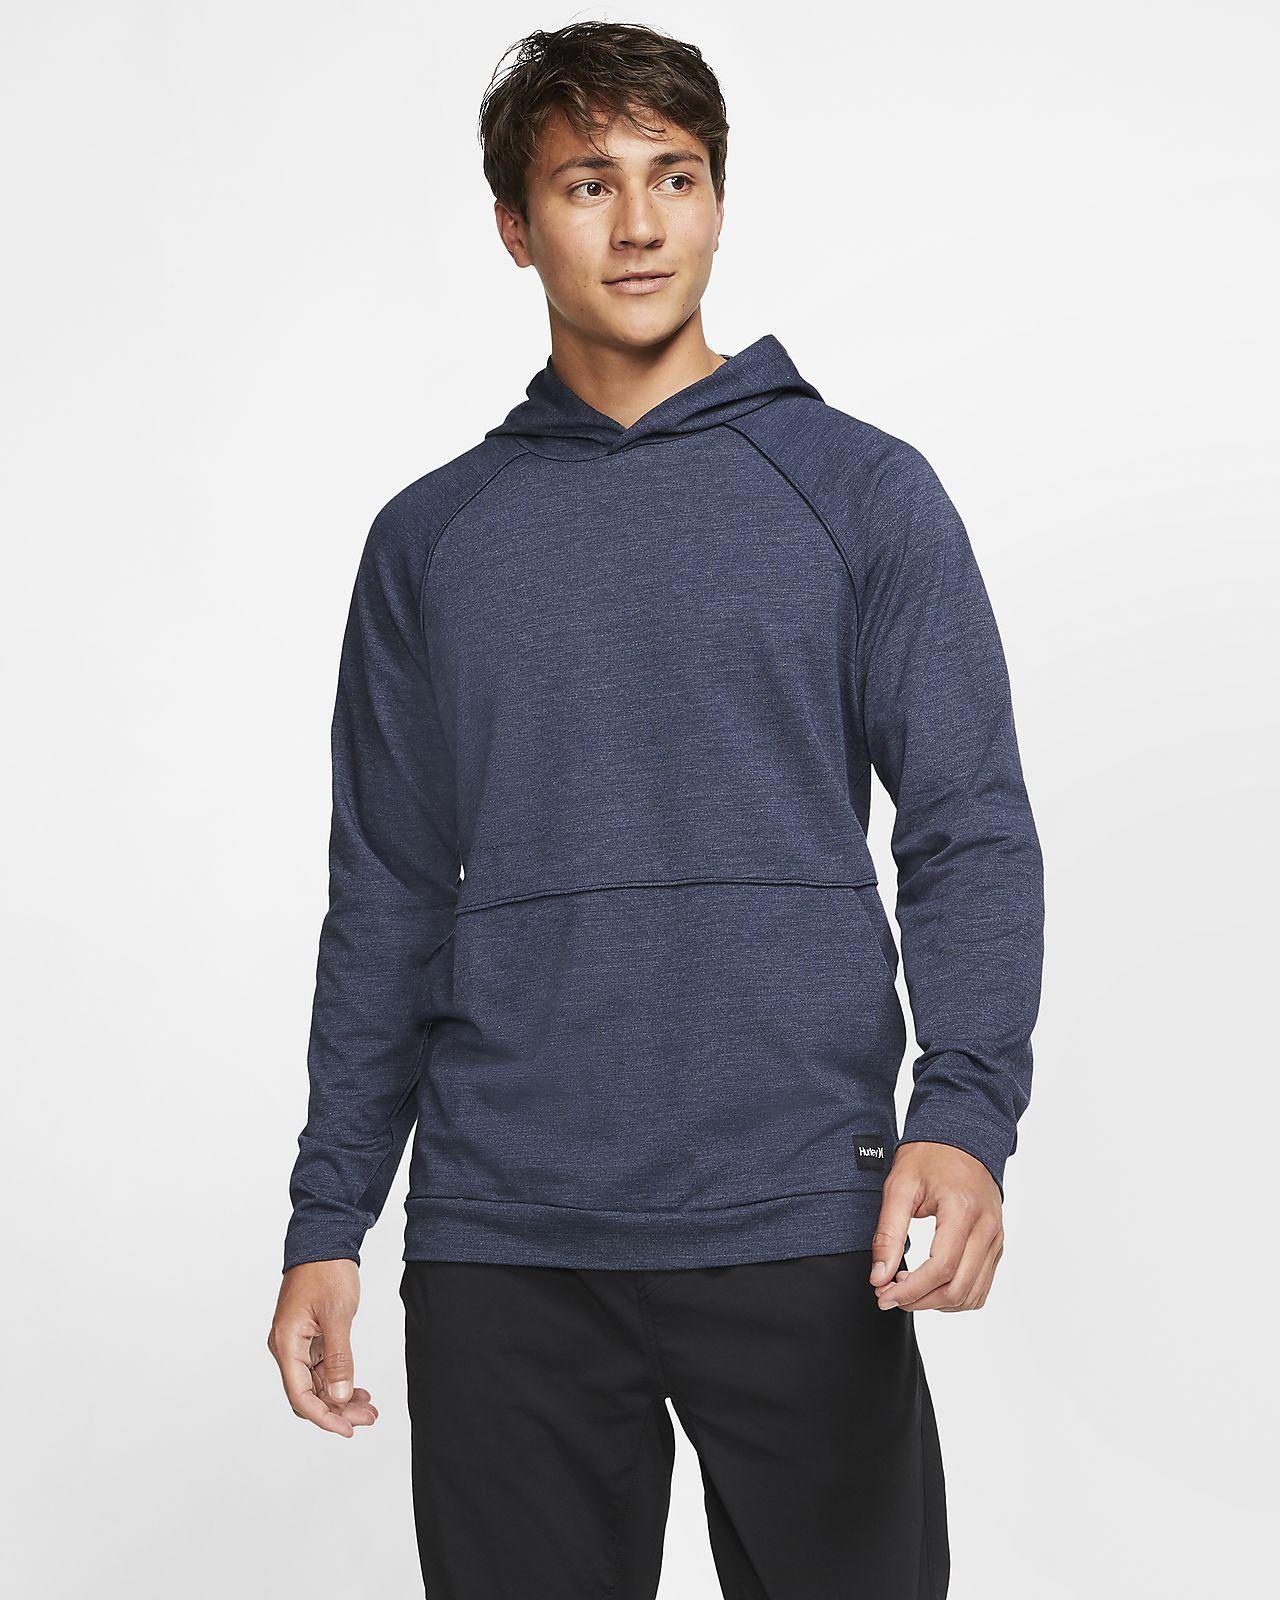 Langærmet Hurley Dri-FIT Mongoose-pullover-hættetrøje til mænd